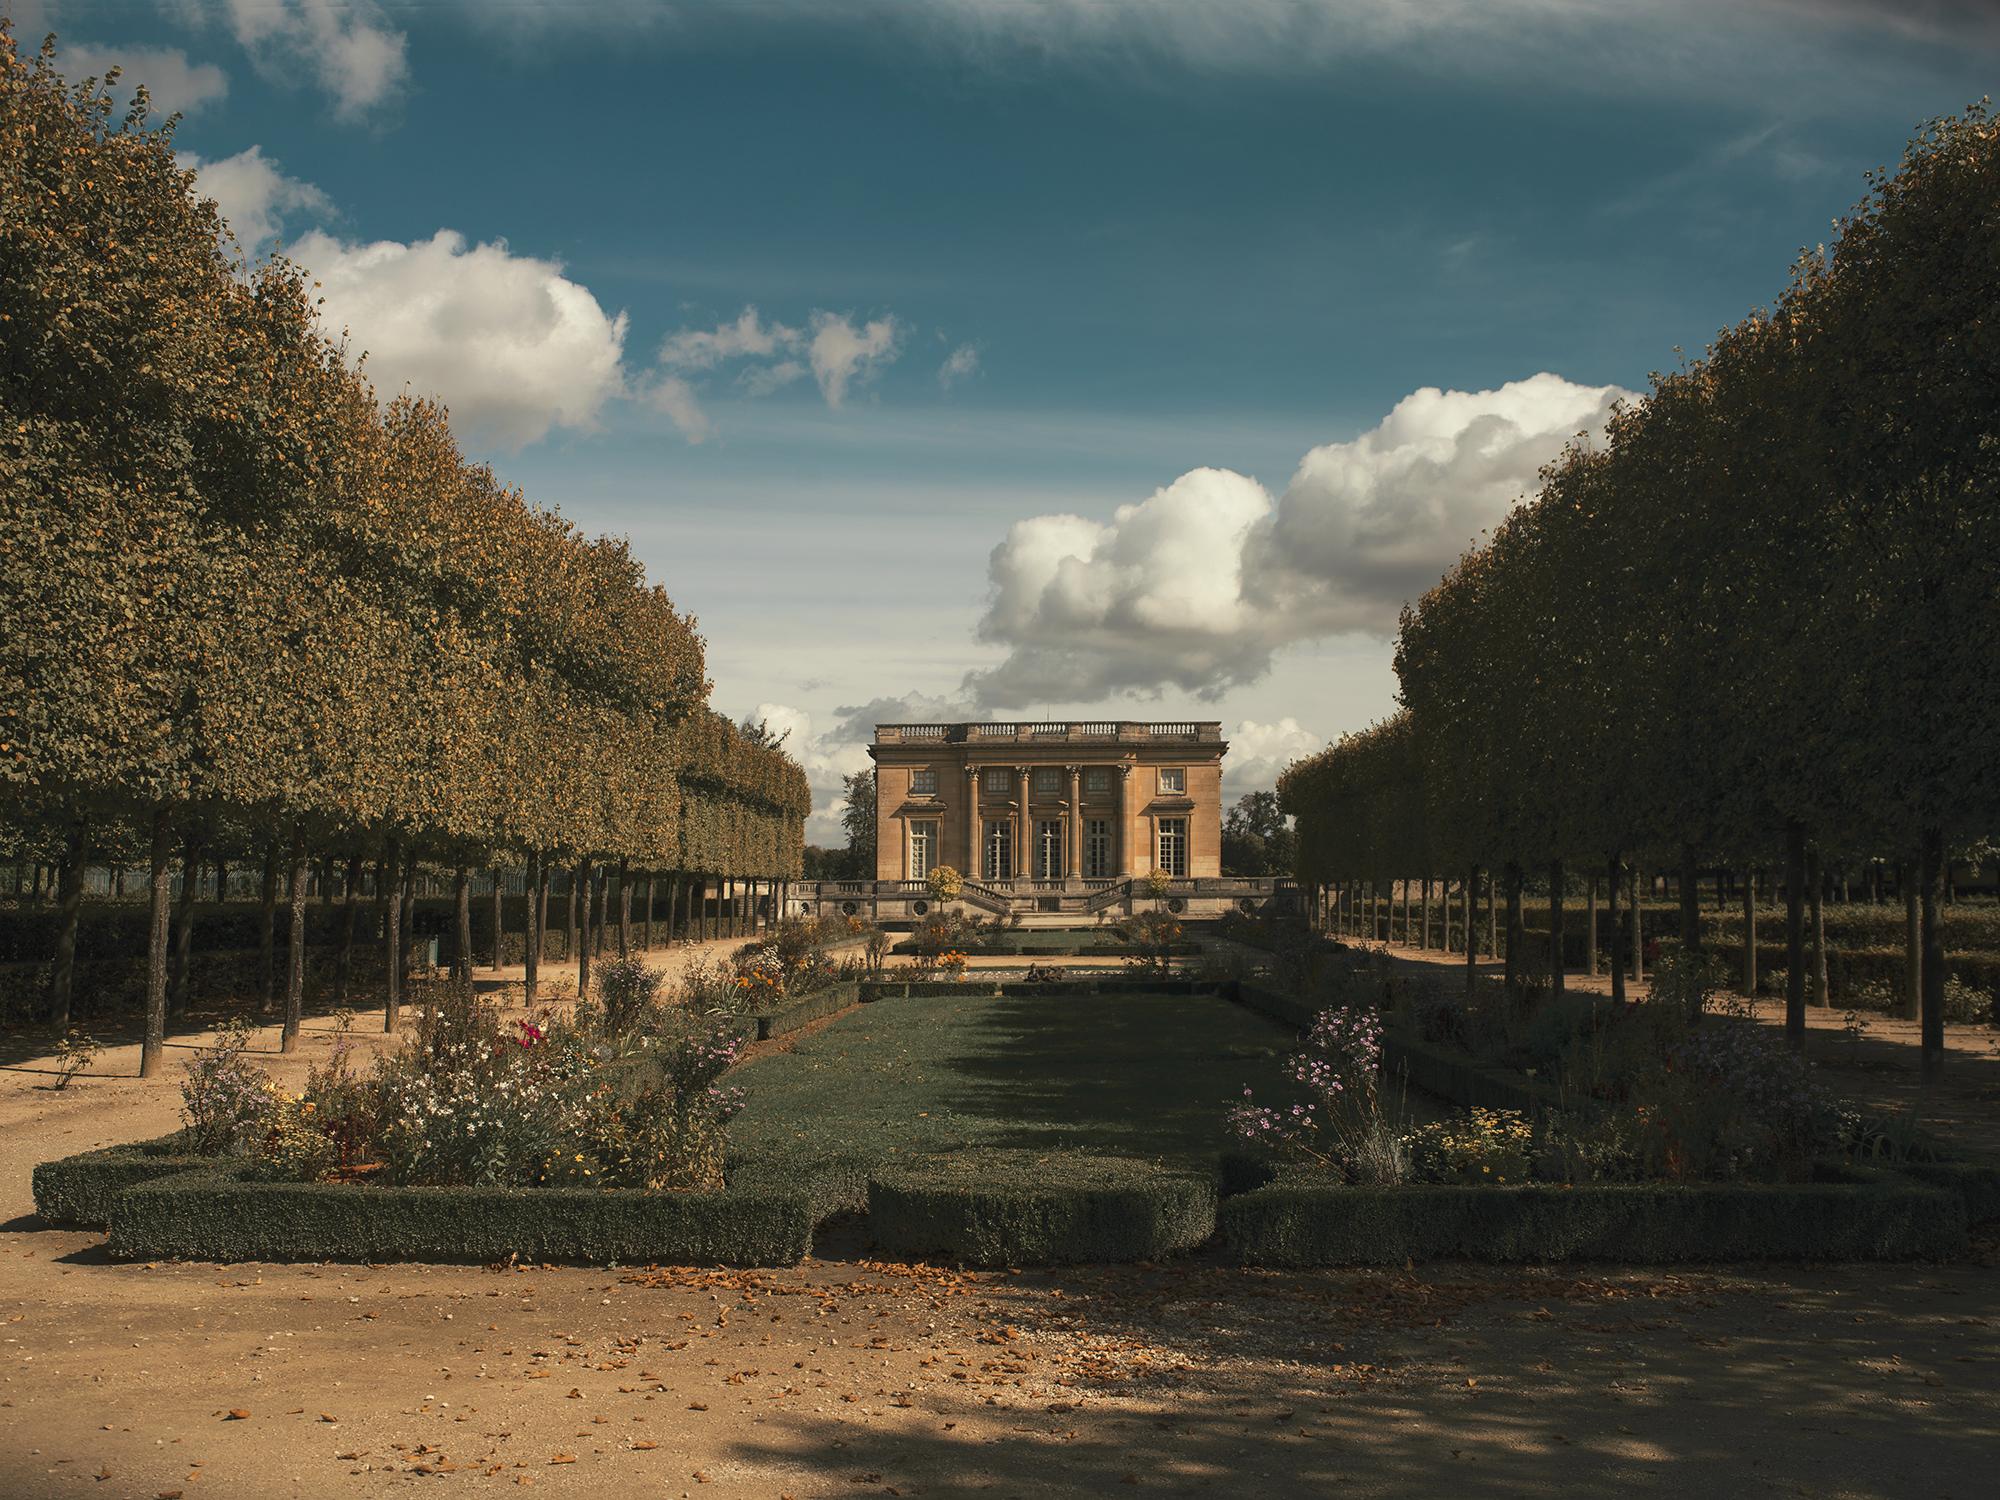 Le Petit Trianon -  Château de Versailles